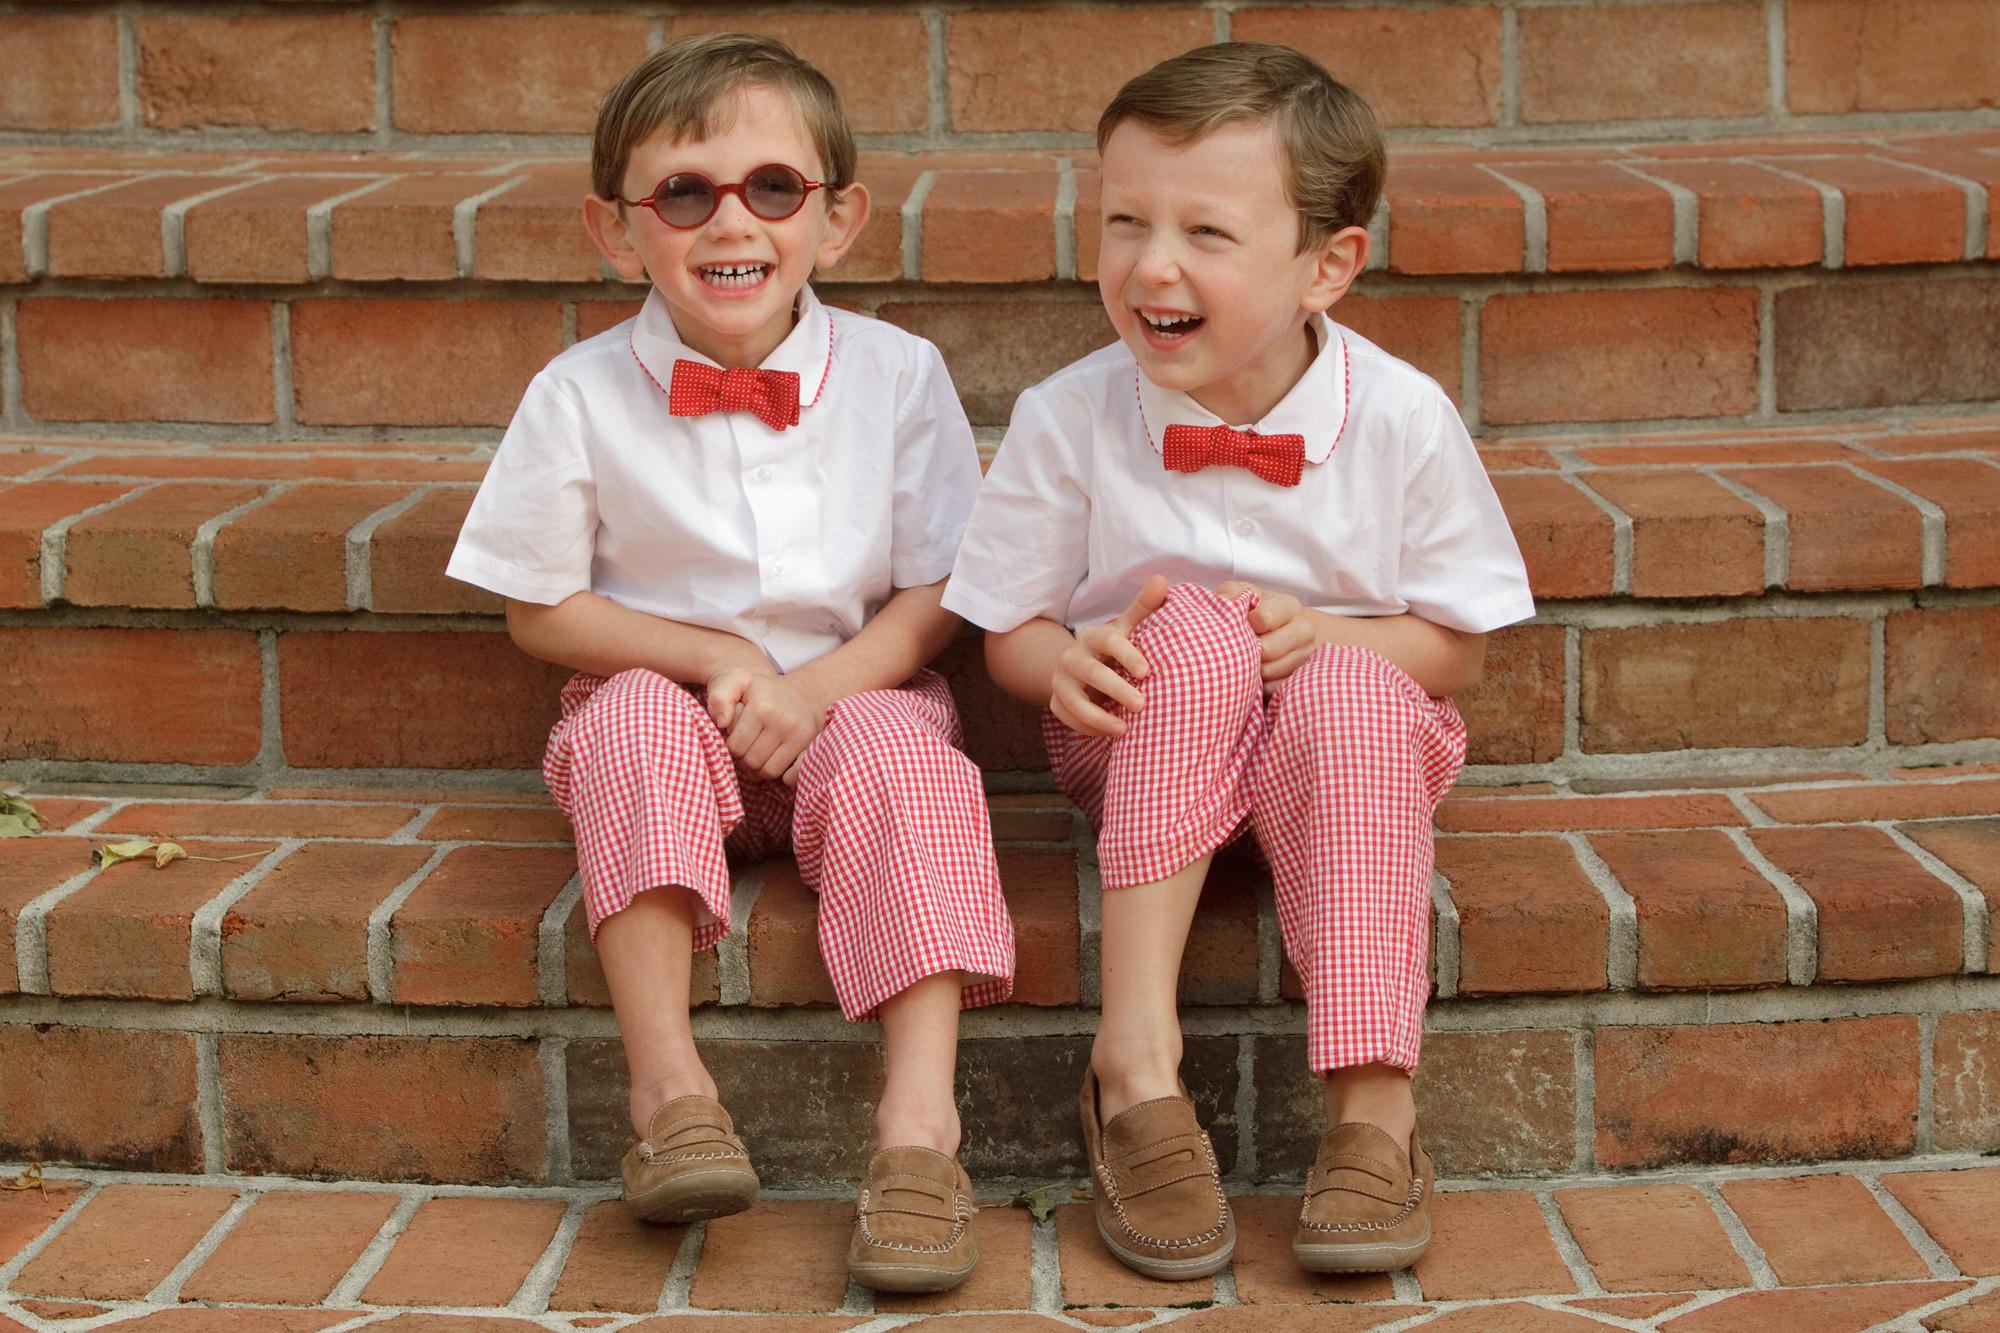 lucille-khornak-children-together09.jpg